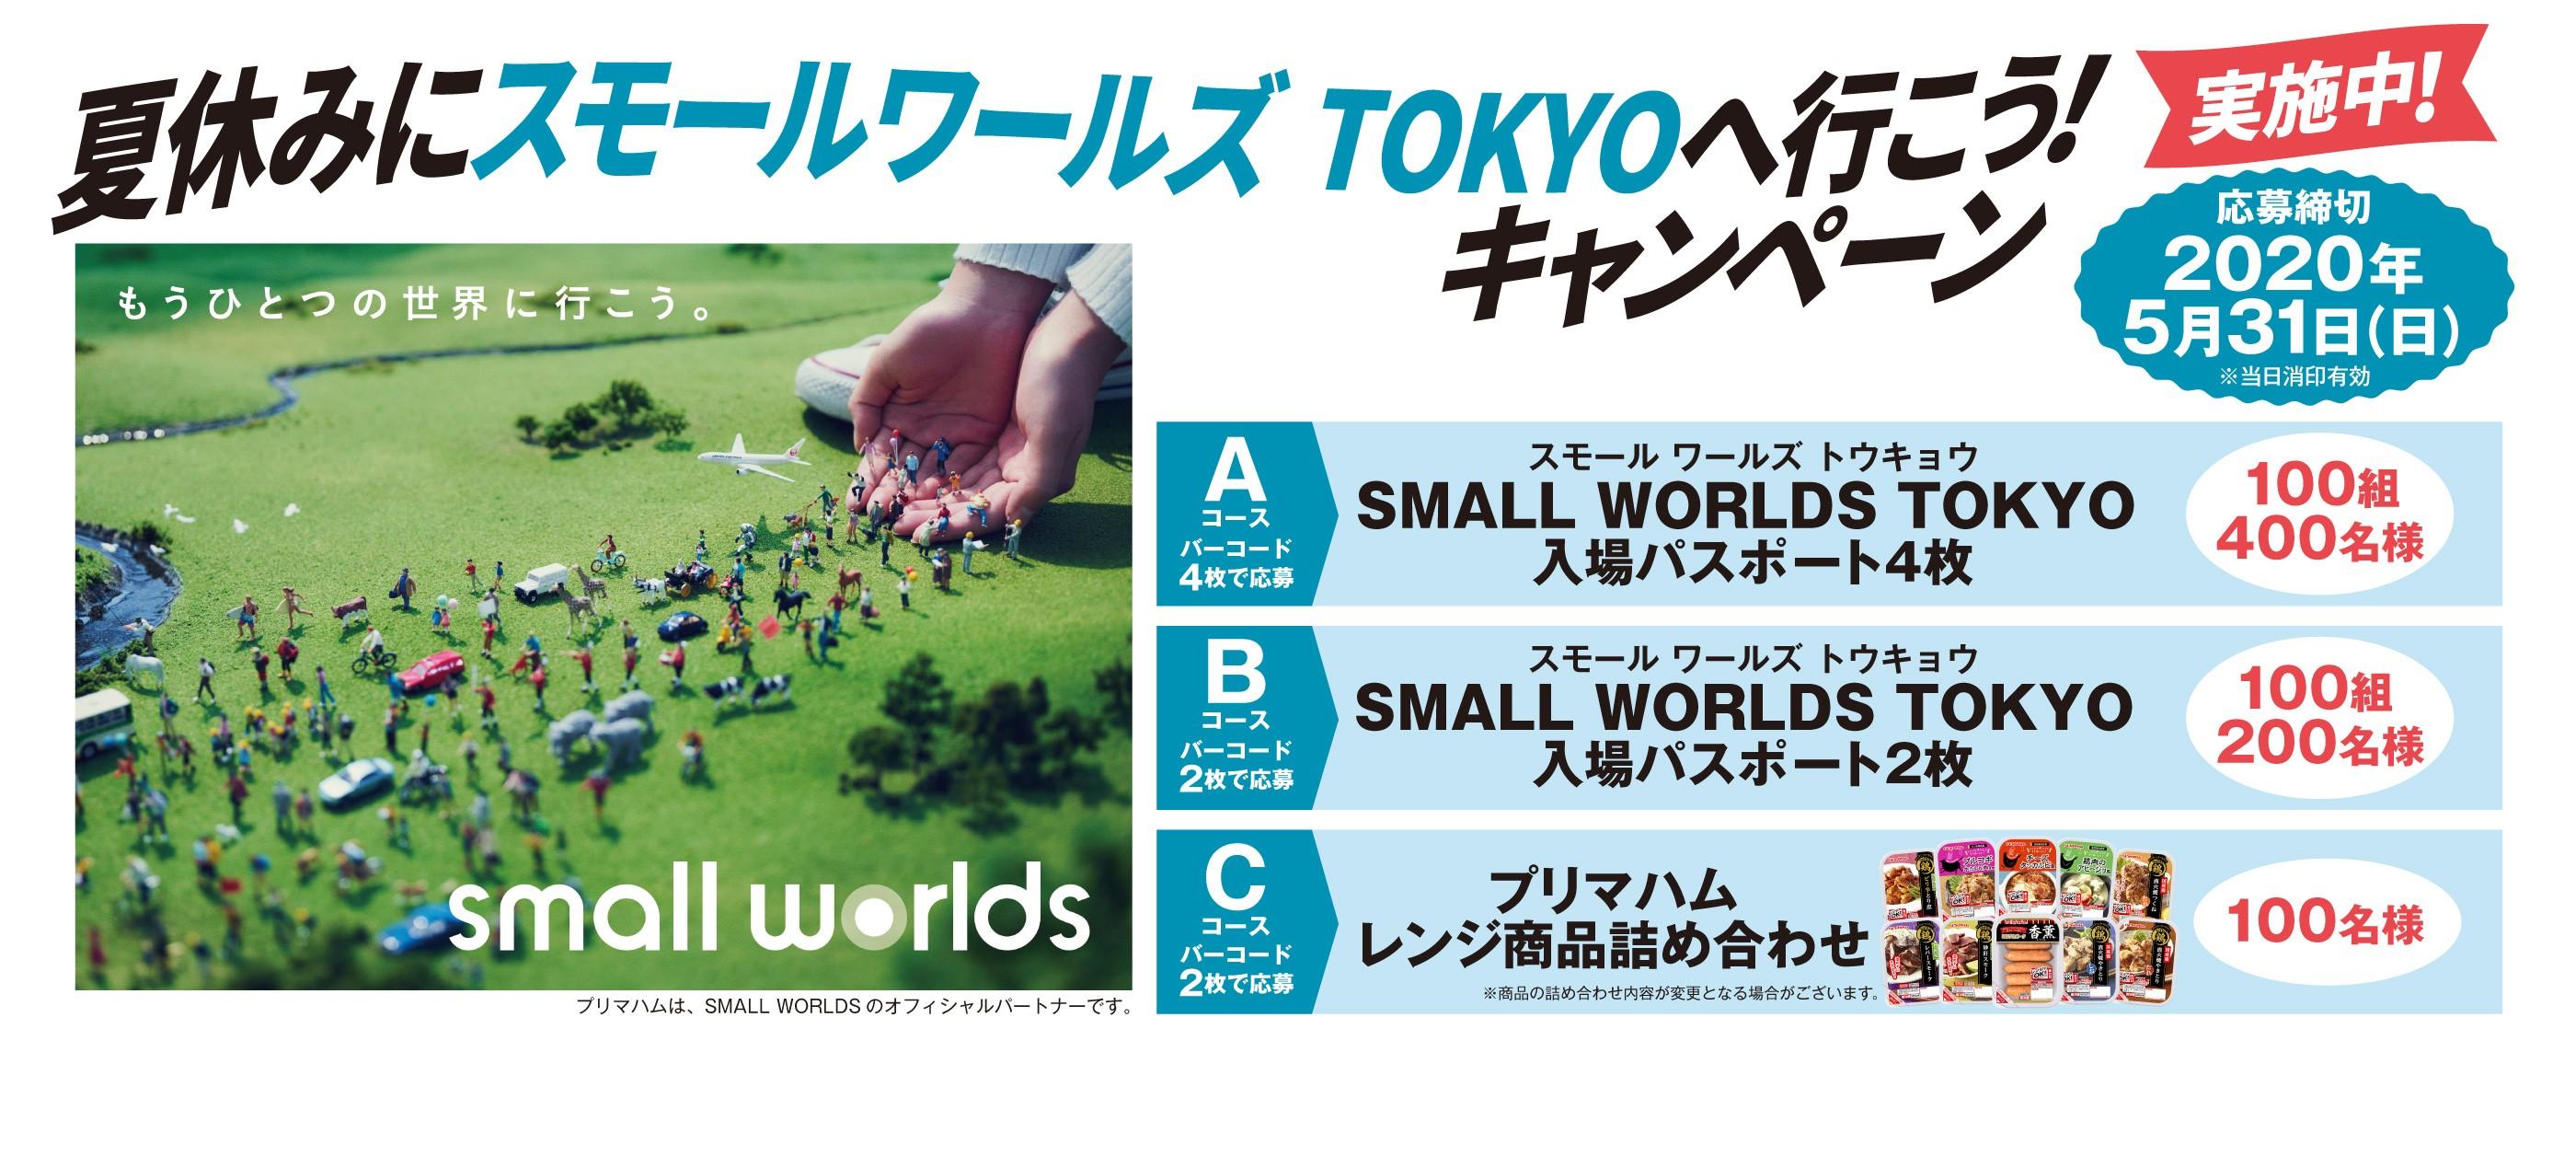 夏休みにスモールワールズ TOKYOへ行こう!キャンペーン